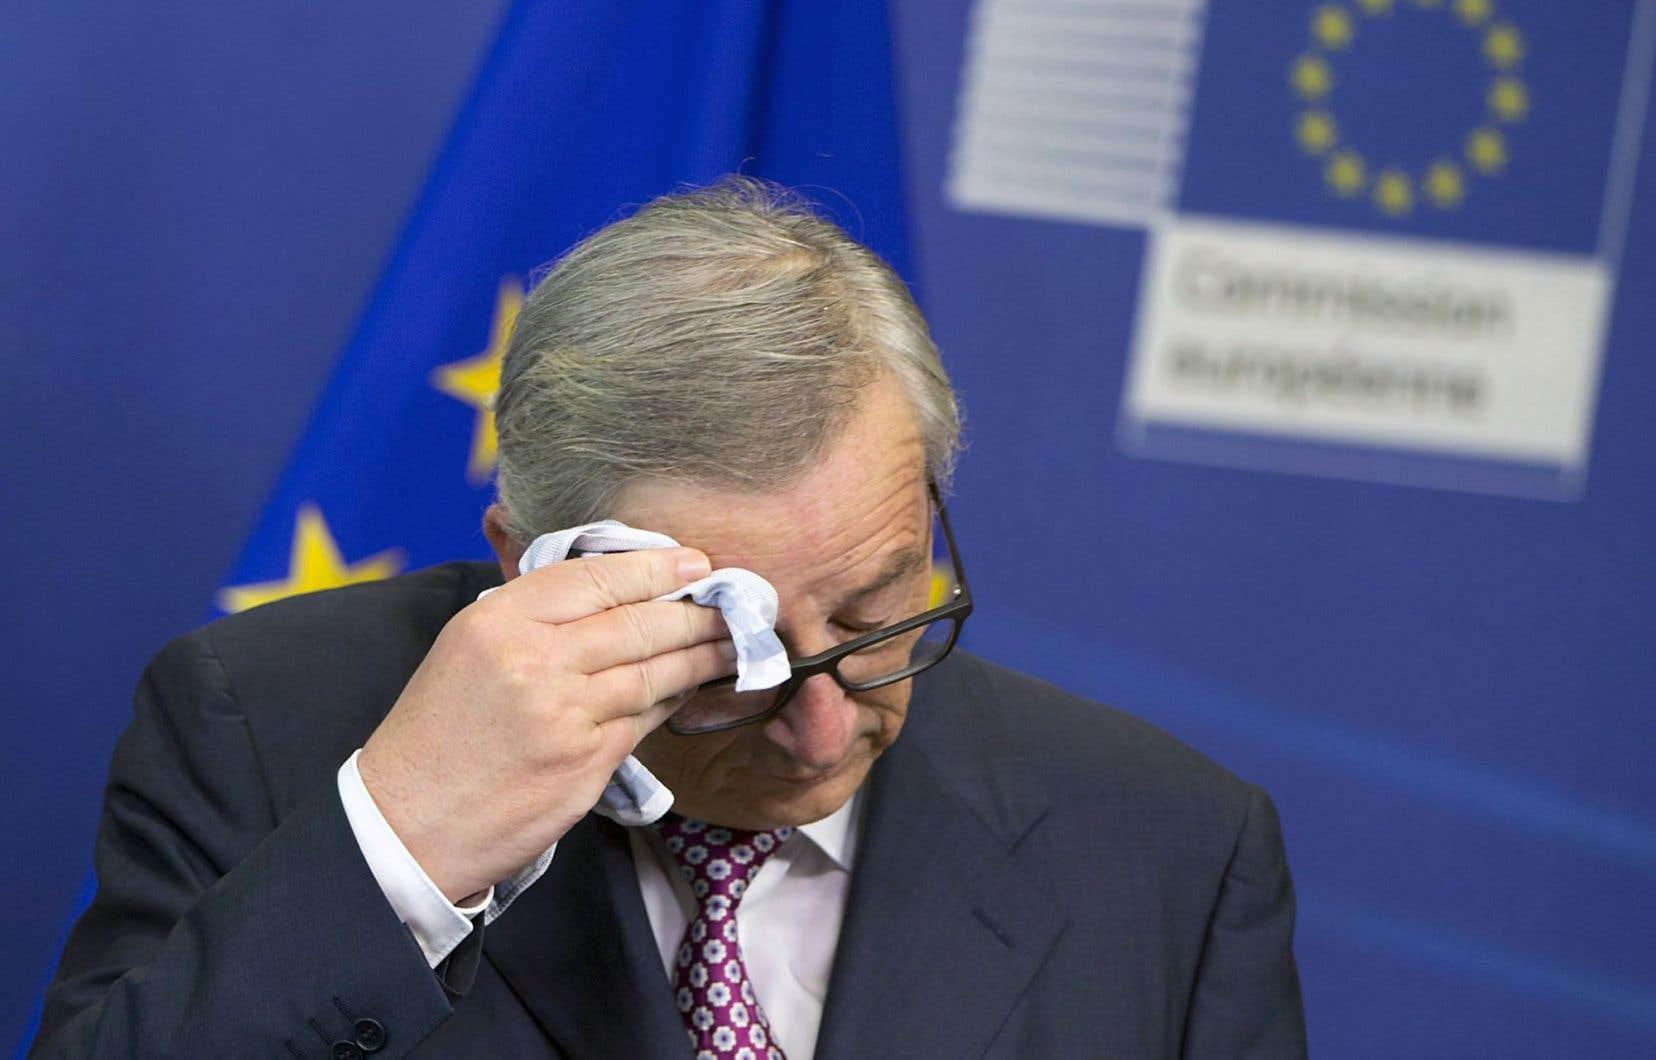 Le scandale «LuxLeaks» avait déjà terni l'entrée en fonction de Jean-Claude Juncker comme président de la Commission européenne.